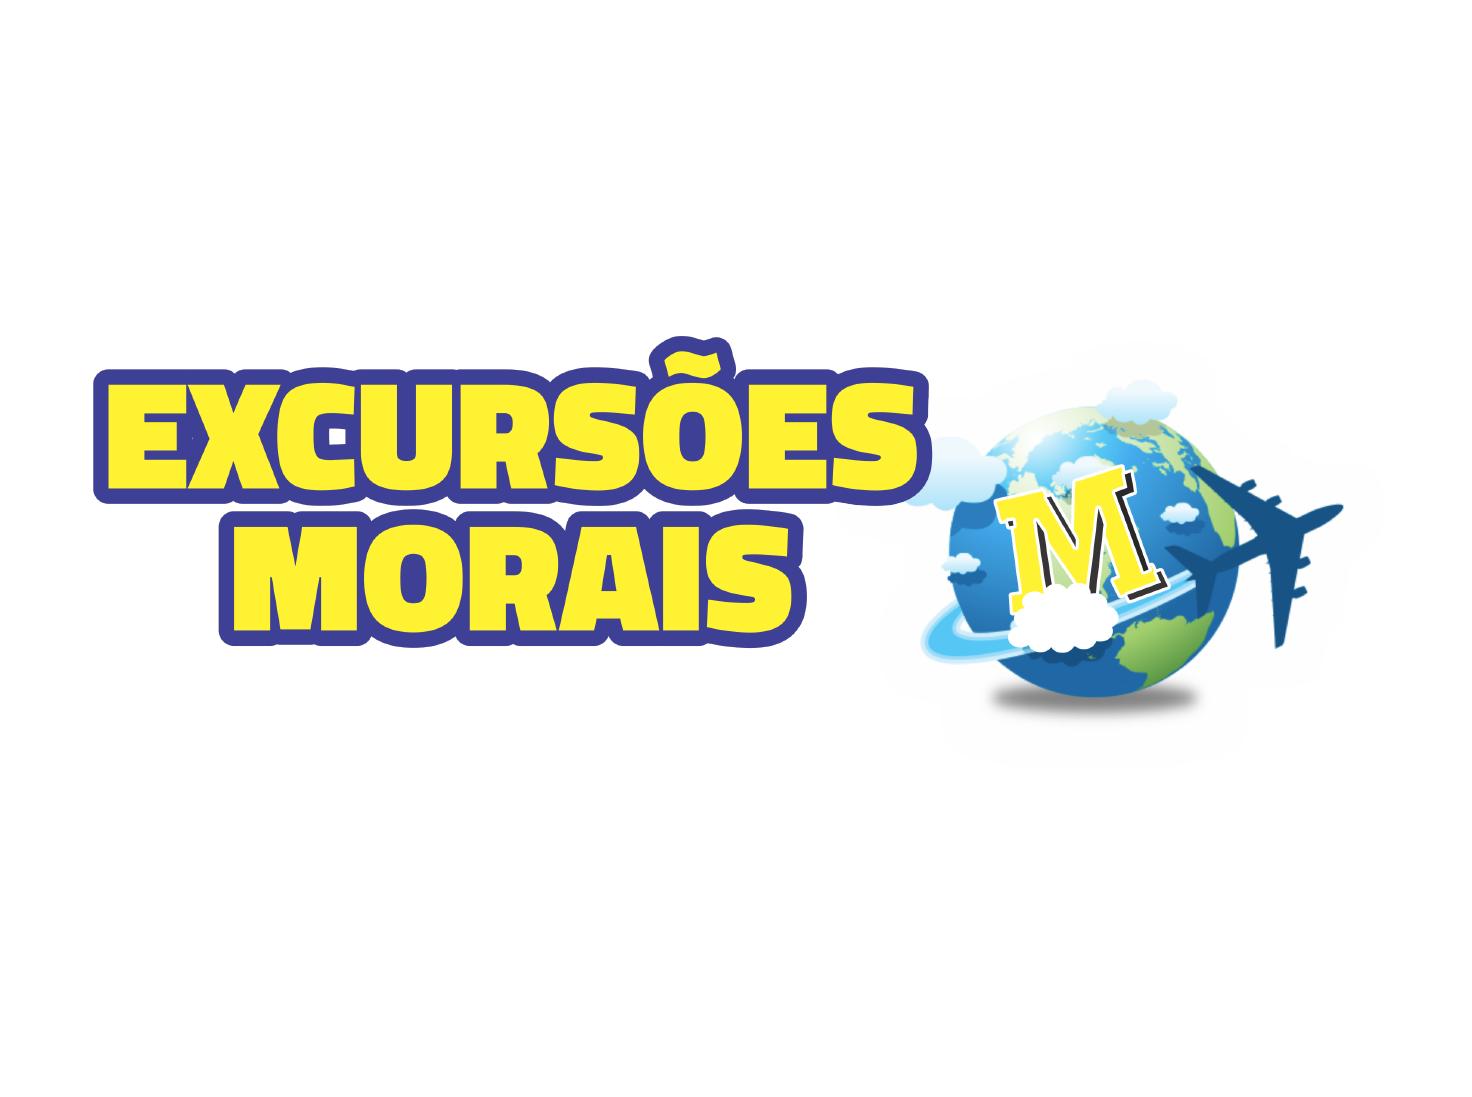 Excursoes Moraes